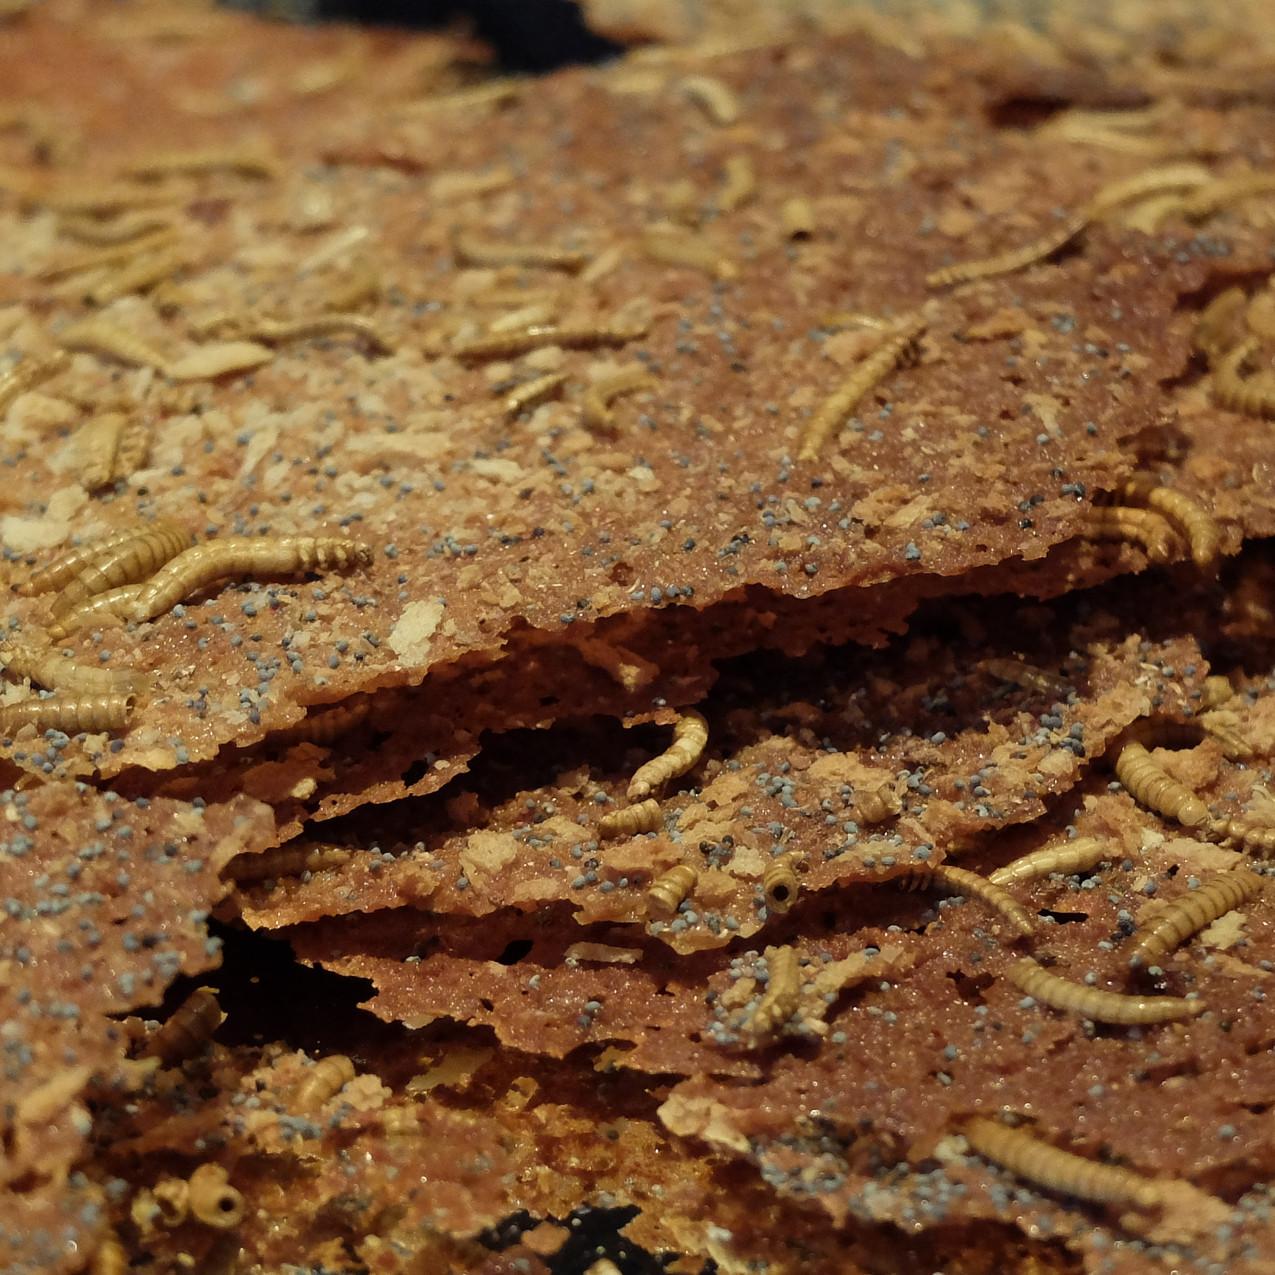 Honigsüsse Delikatesse aus der Larve